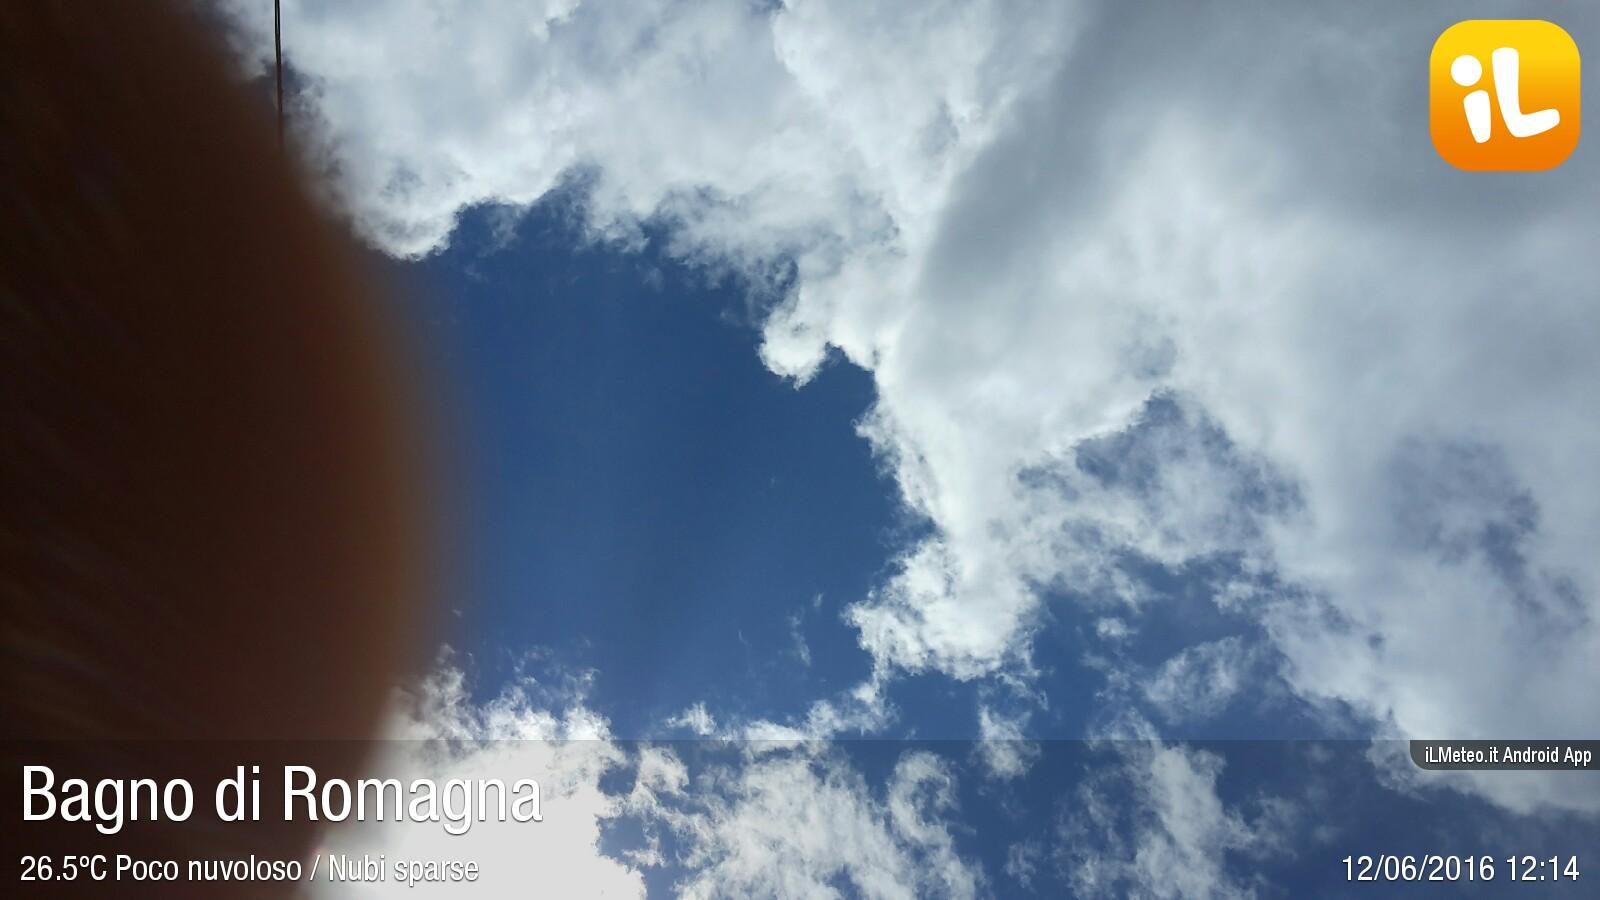 Foto meteo - Bagno di Romagna - Bagno di Romagna ore 12:13 ...